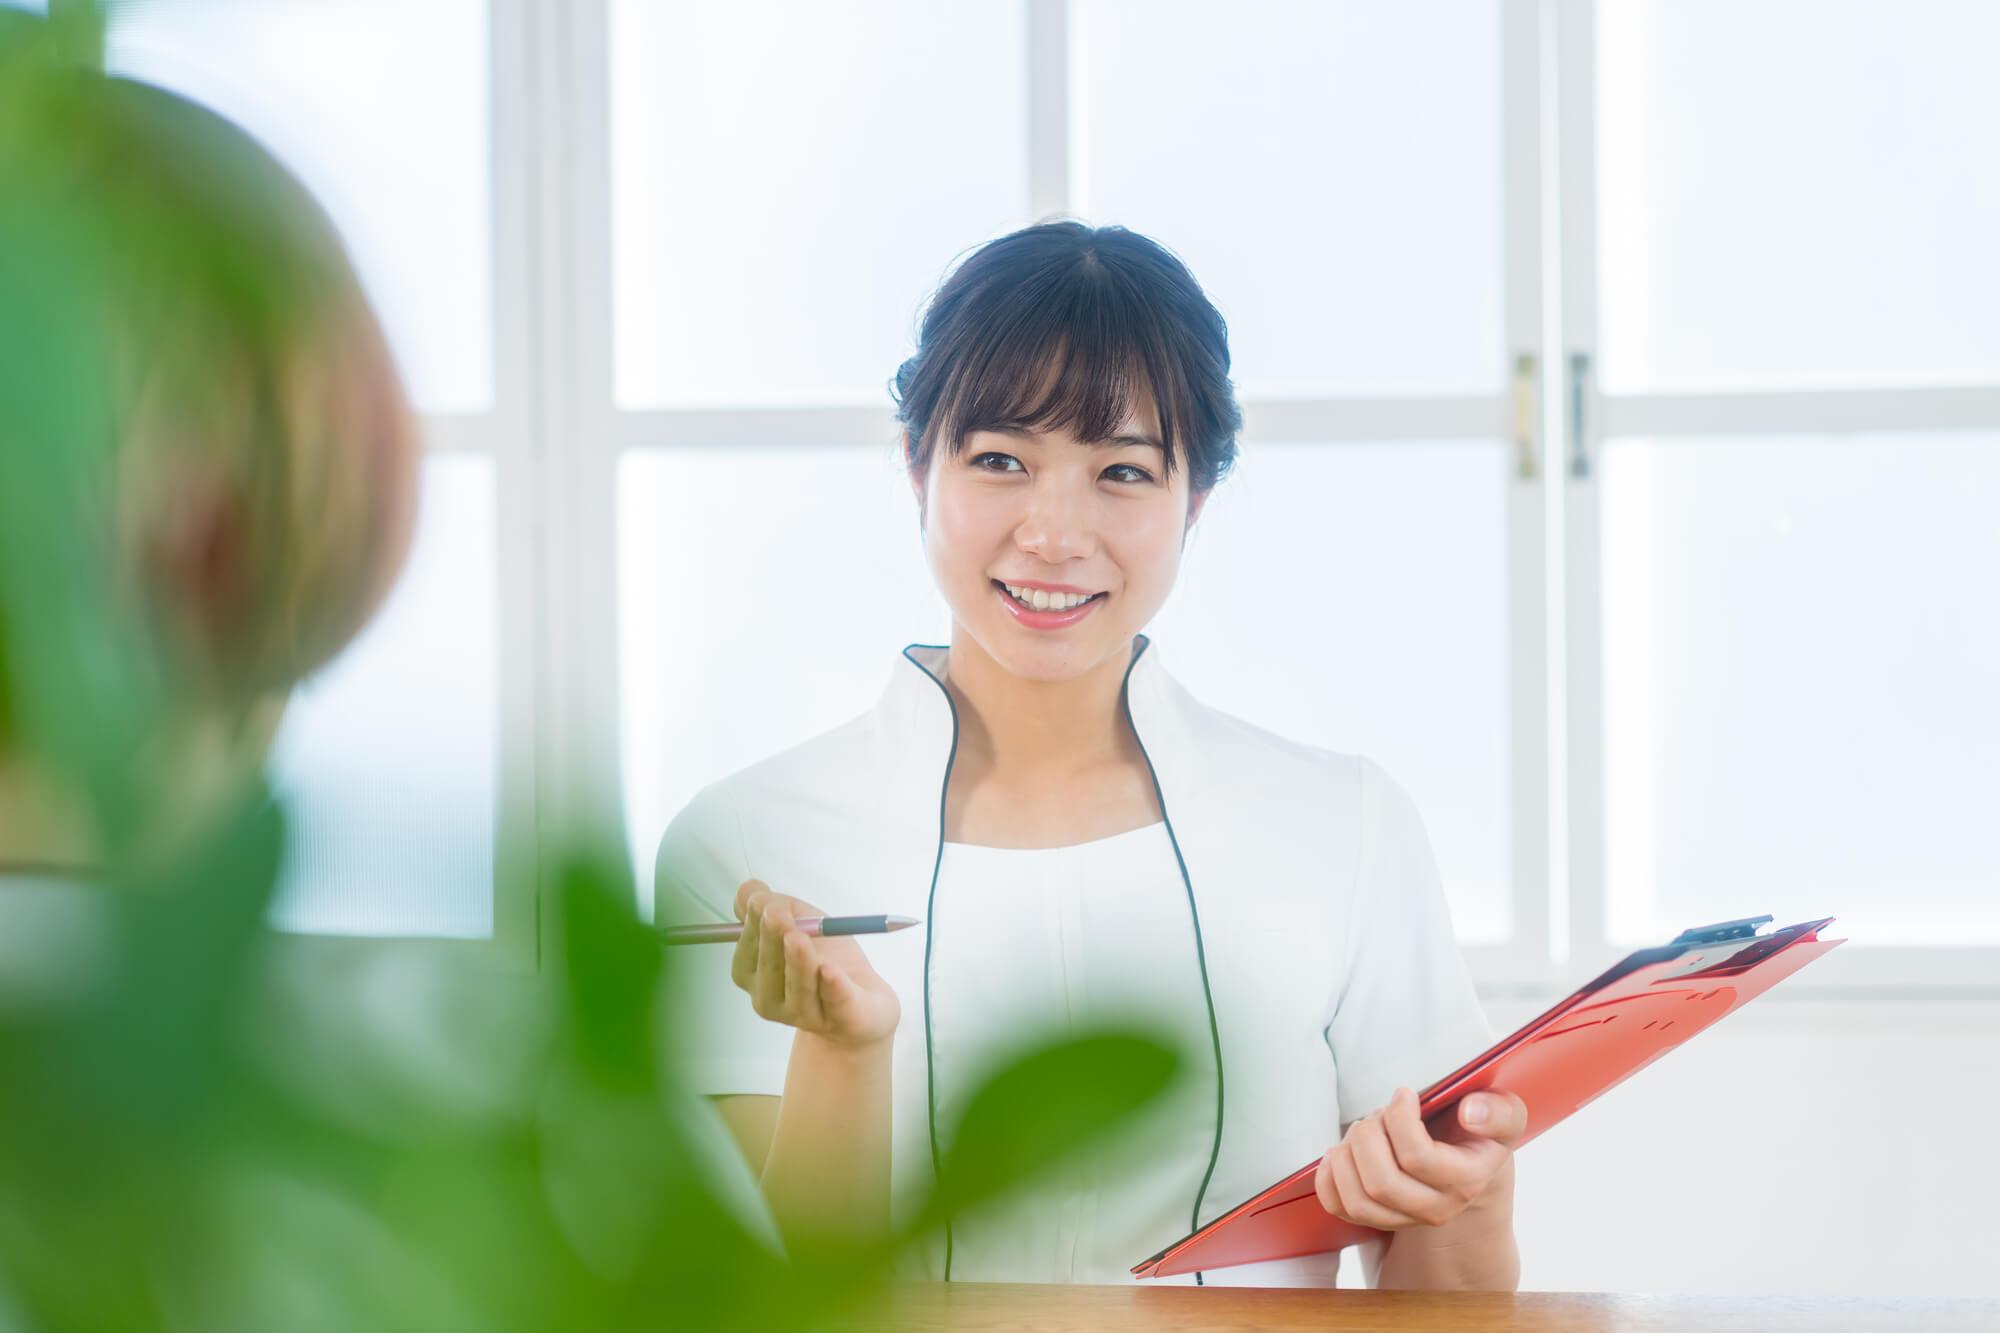 クライアントの家族問題についてカウンセリングをしている女性カウンセラー